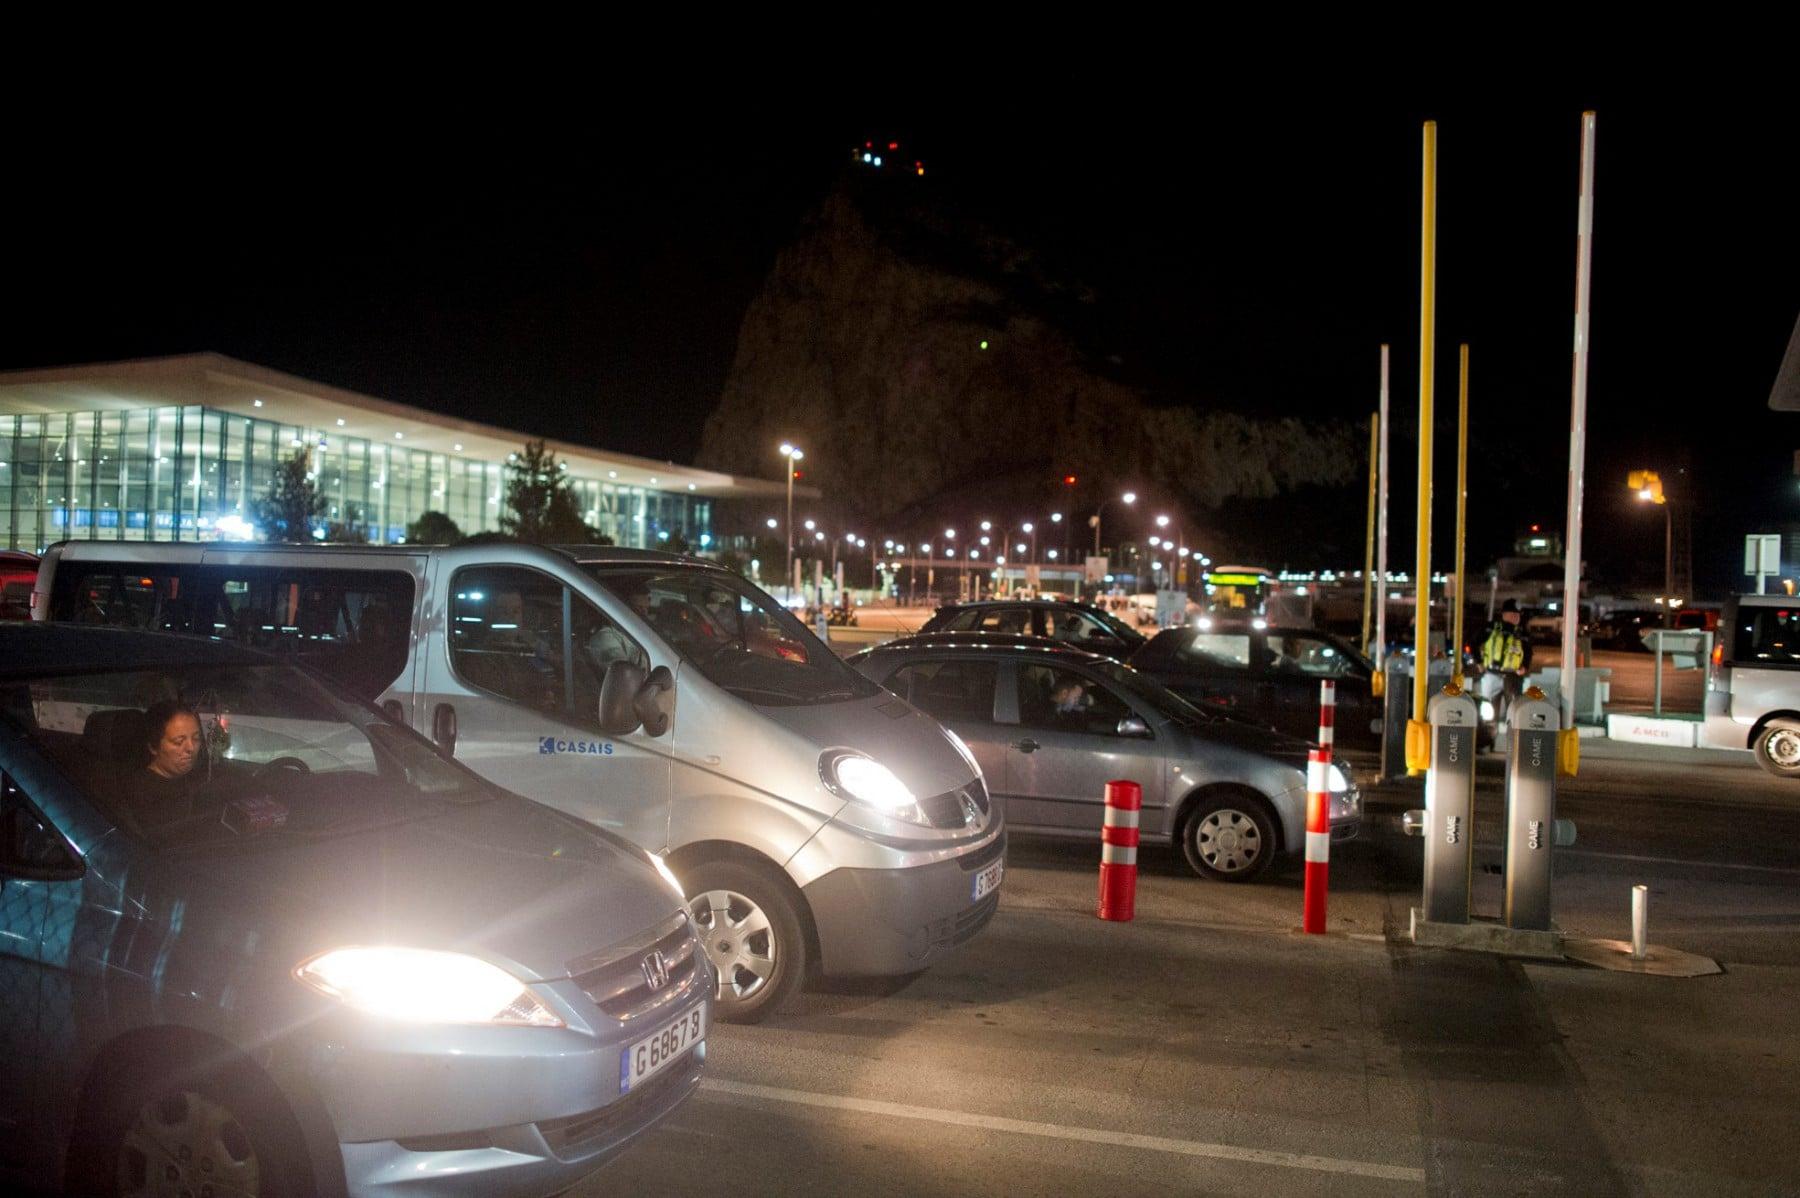 colas-frontera-de-gibraltar-11-noviembre-20144_15579289870_o